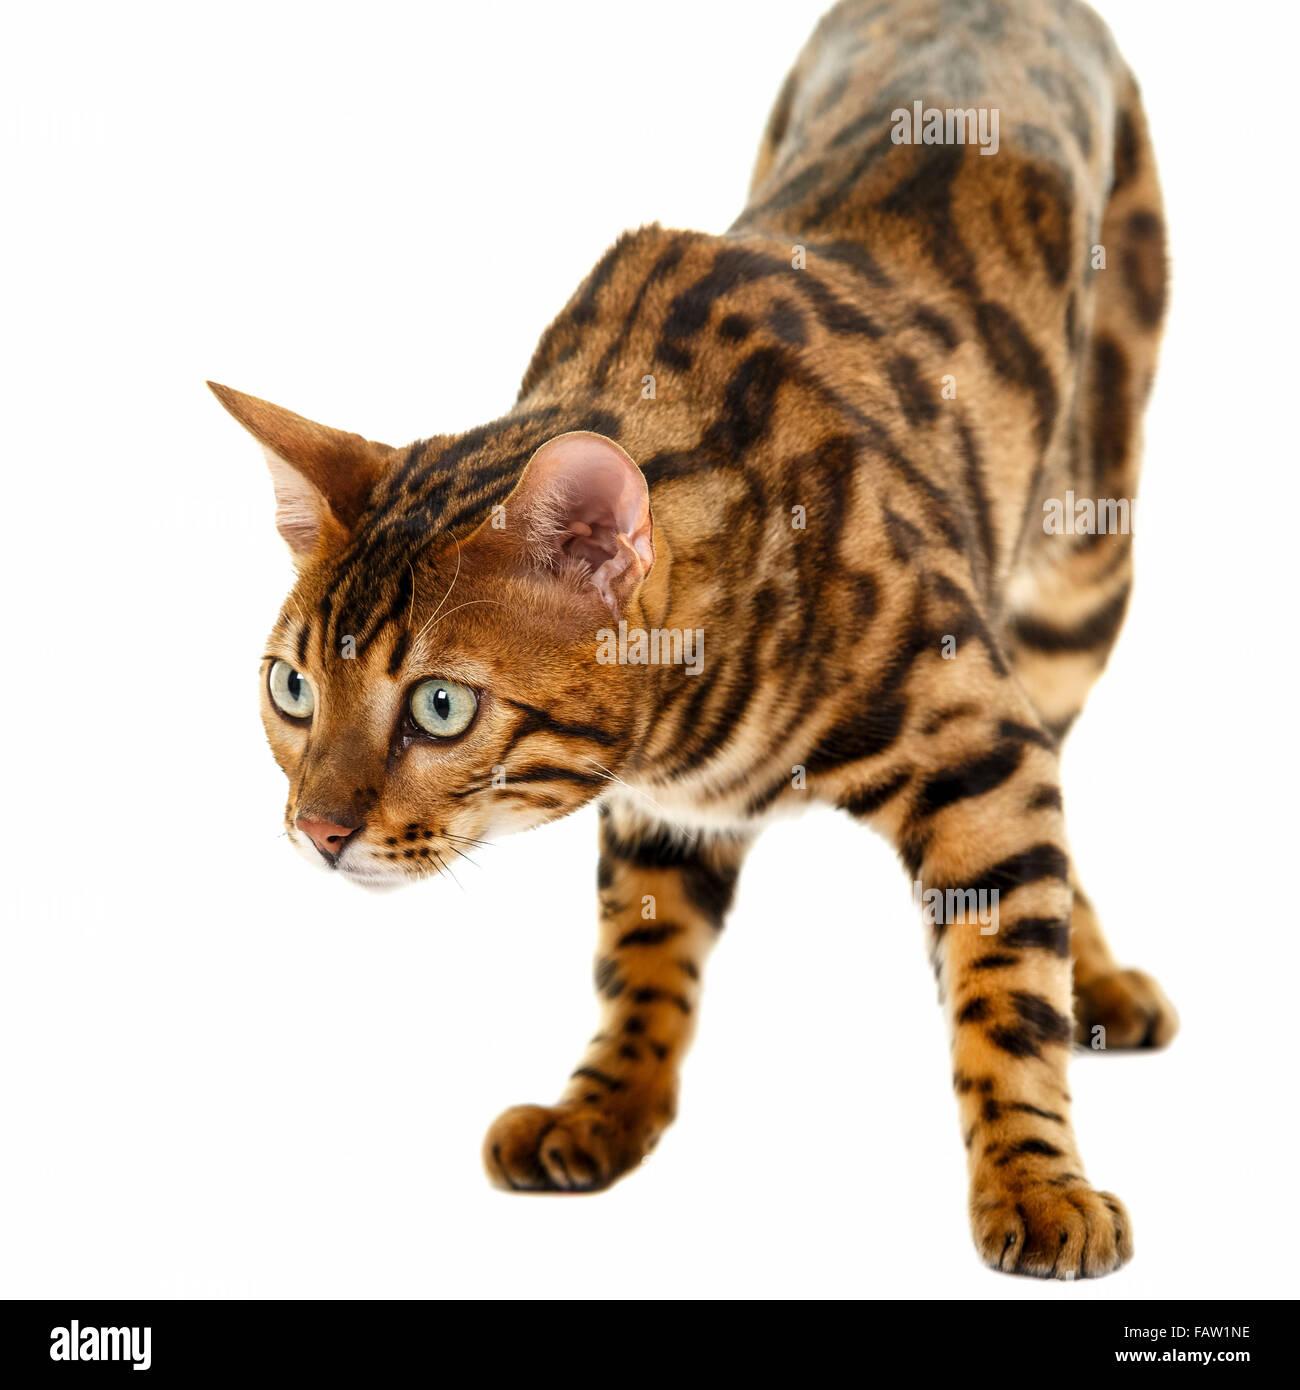 Maschio di Gatto bengala ritratto isolato su sfondo bianco modello di rilascio: No. Proprietà di rilascio: Immagini Stock